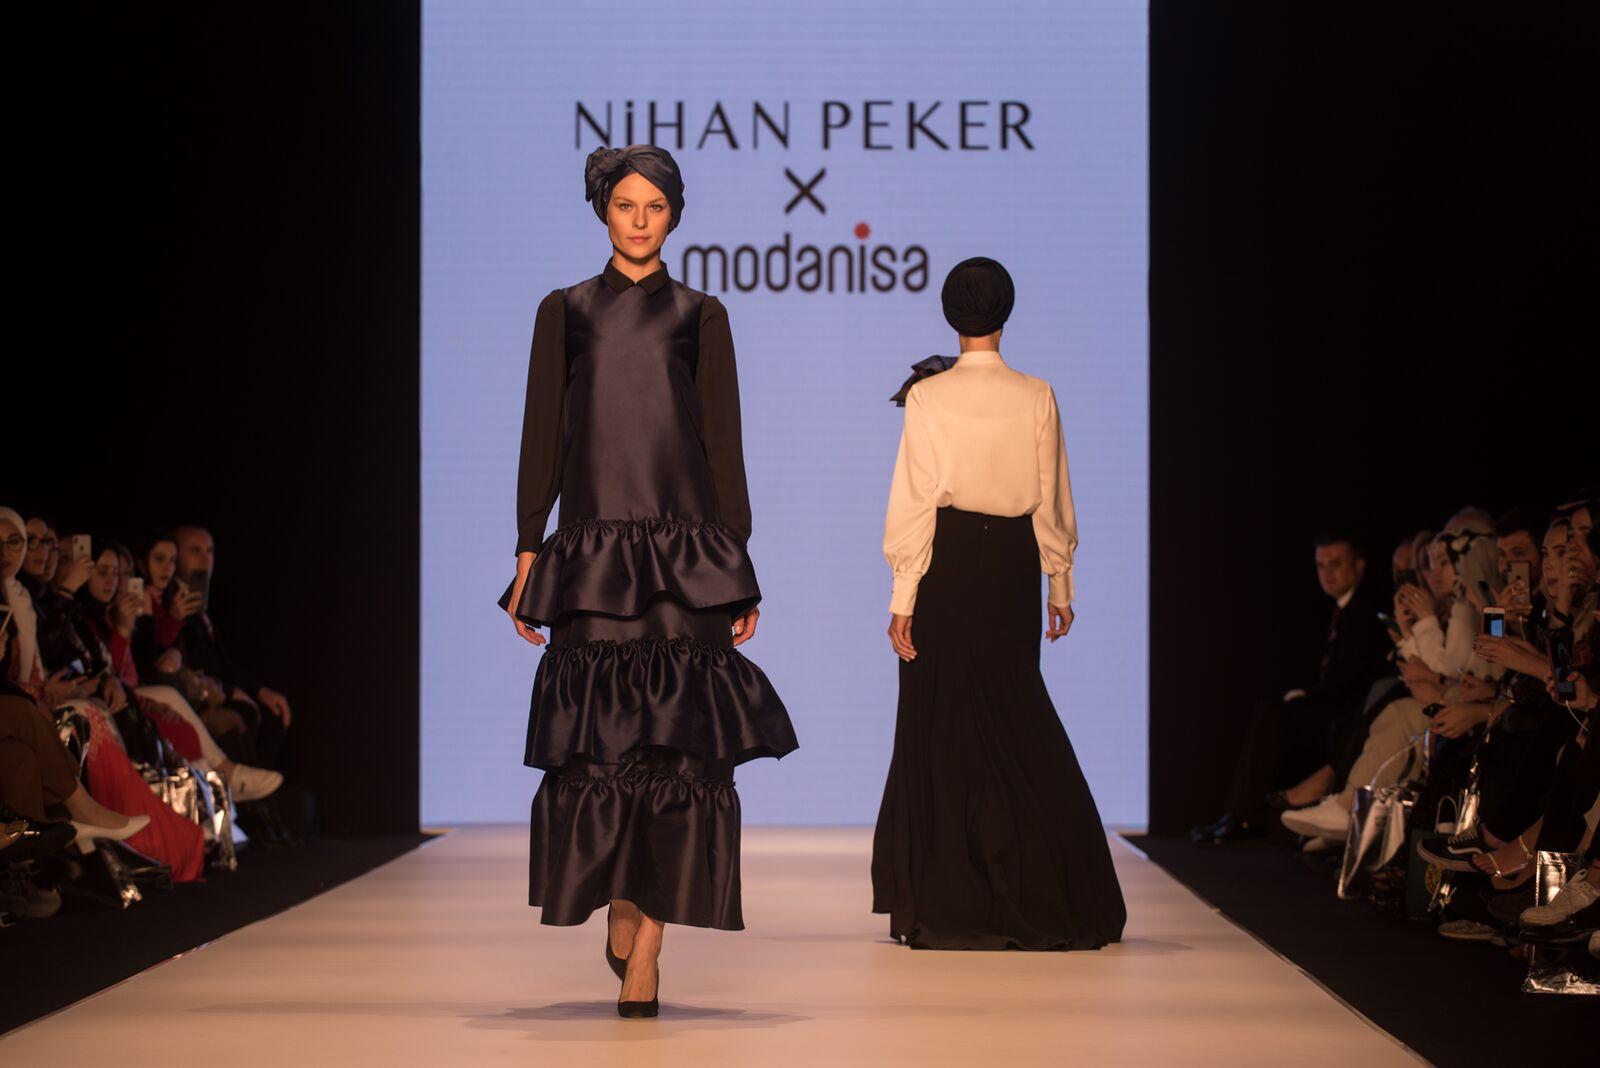 Nihan peker at istanbul modest fashion week 2019 day 1